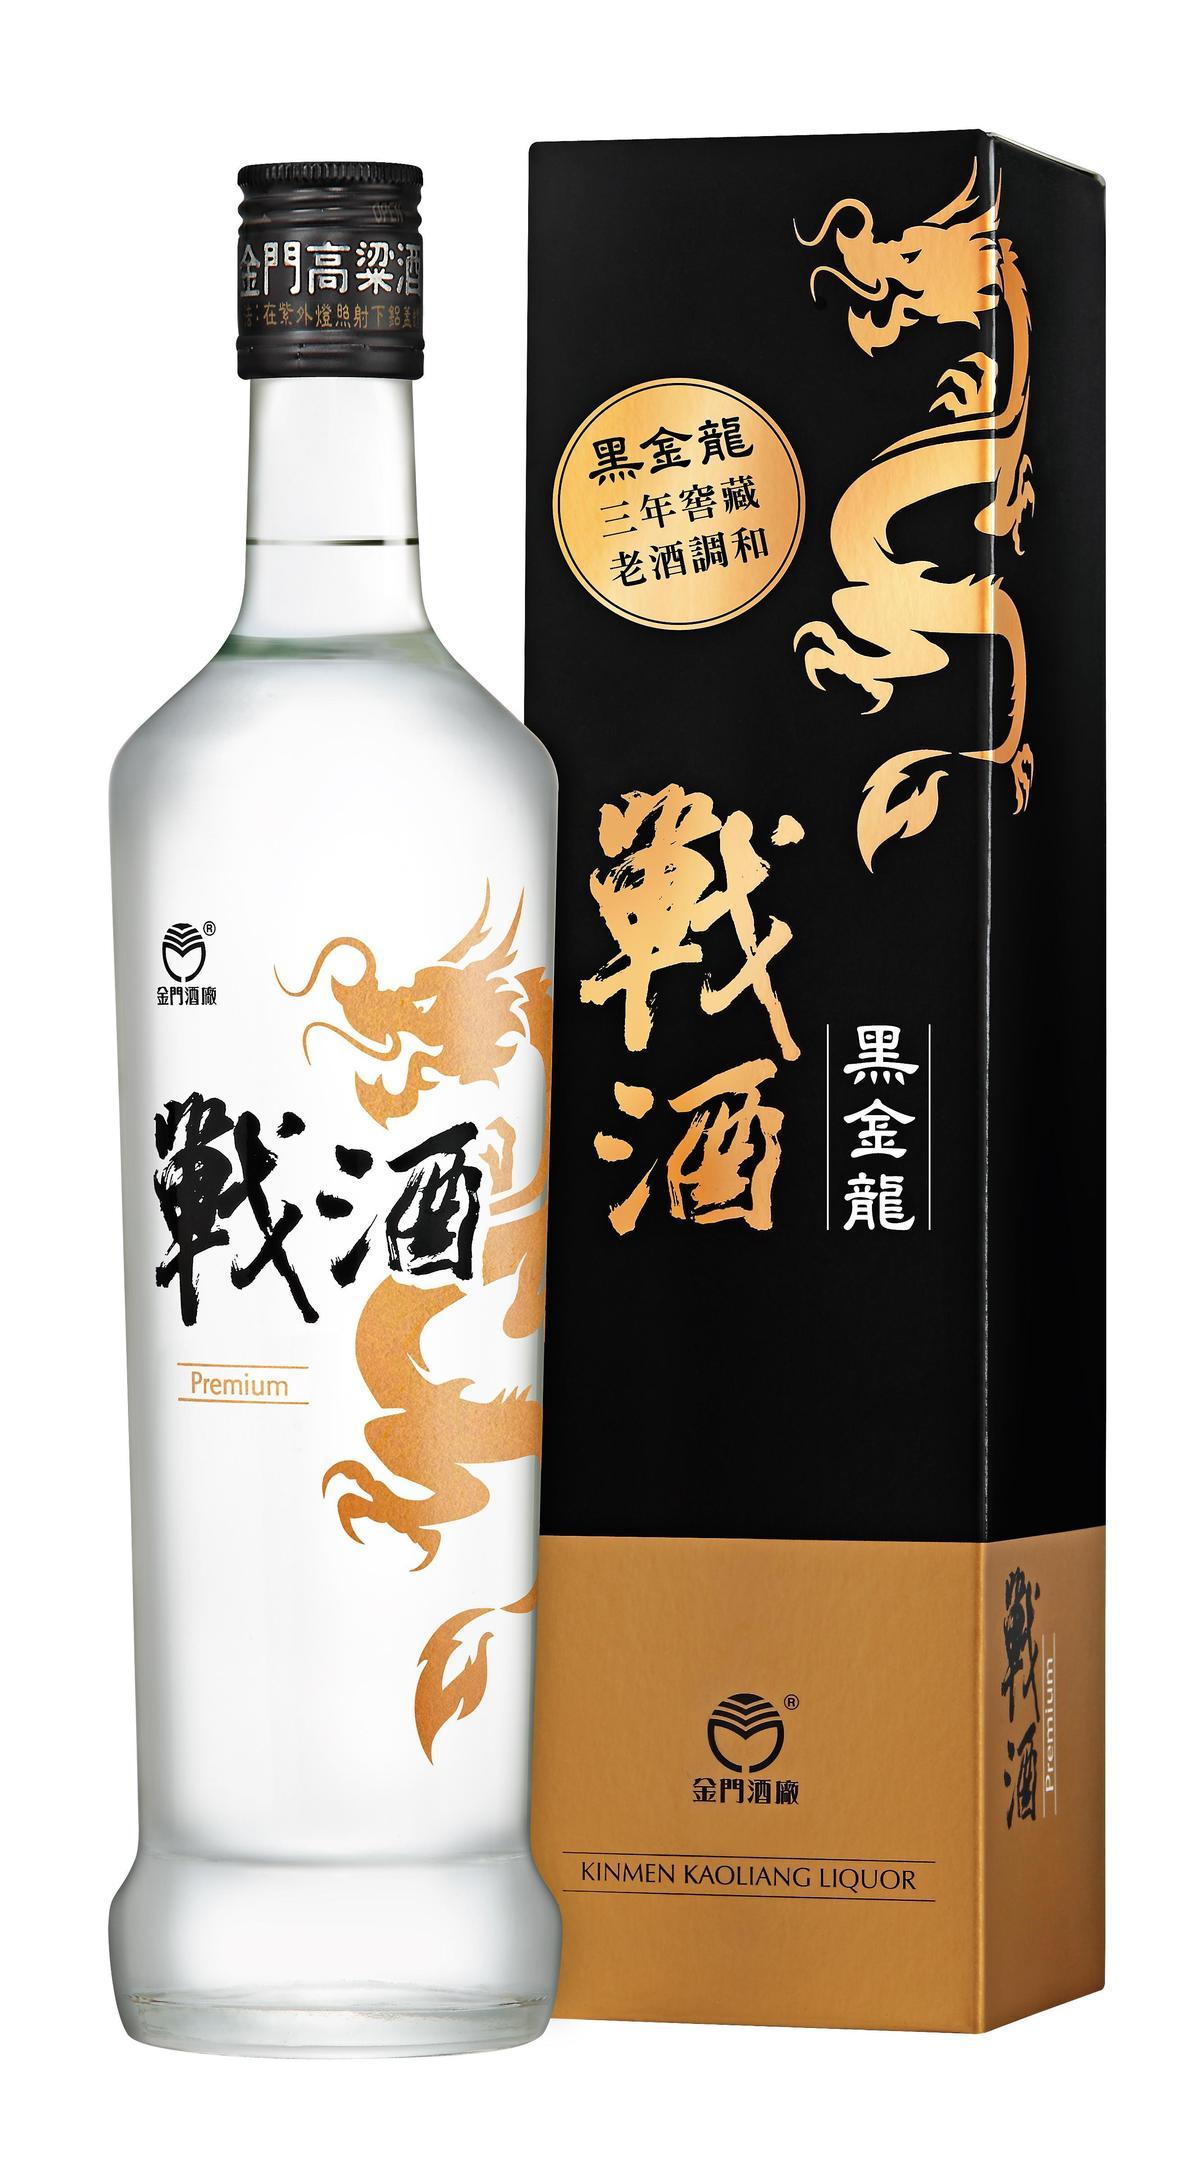 戰酒黑金龍Premium與包裝盒